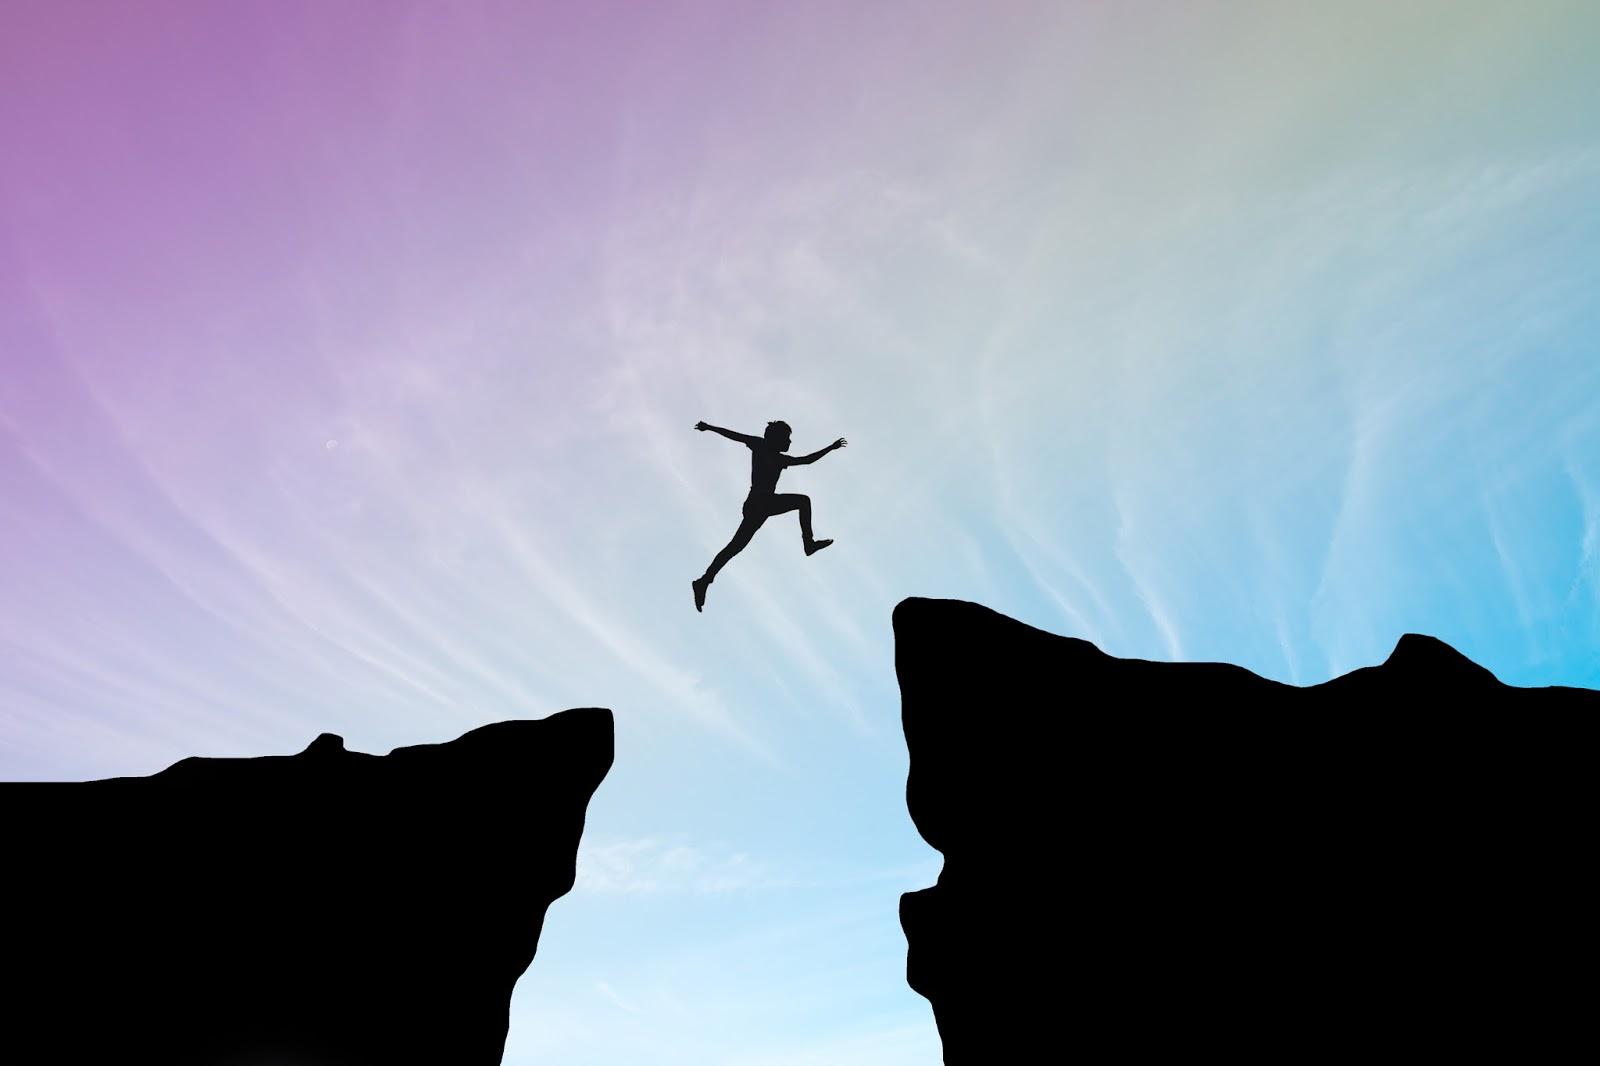 Persevere Em Oração Que Deus Irá Cumprir: Deus Recompensa Esforços